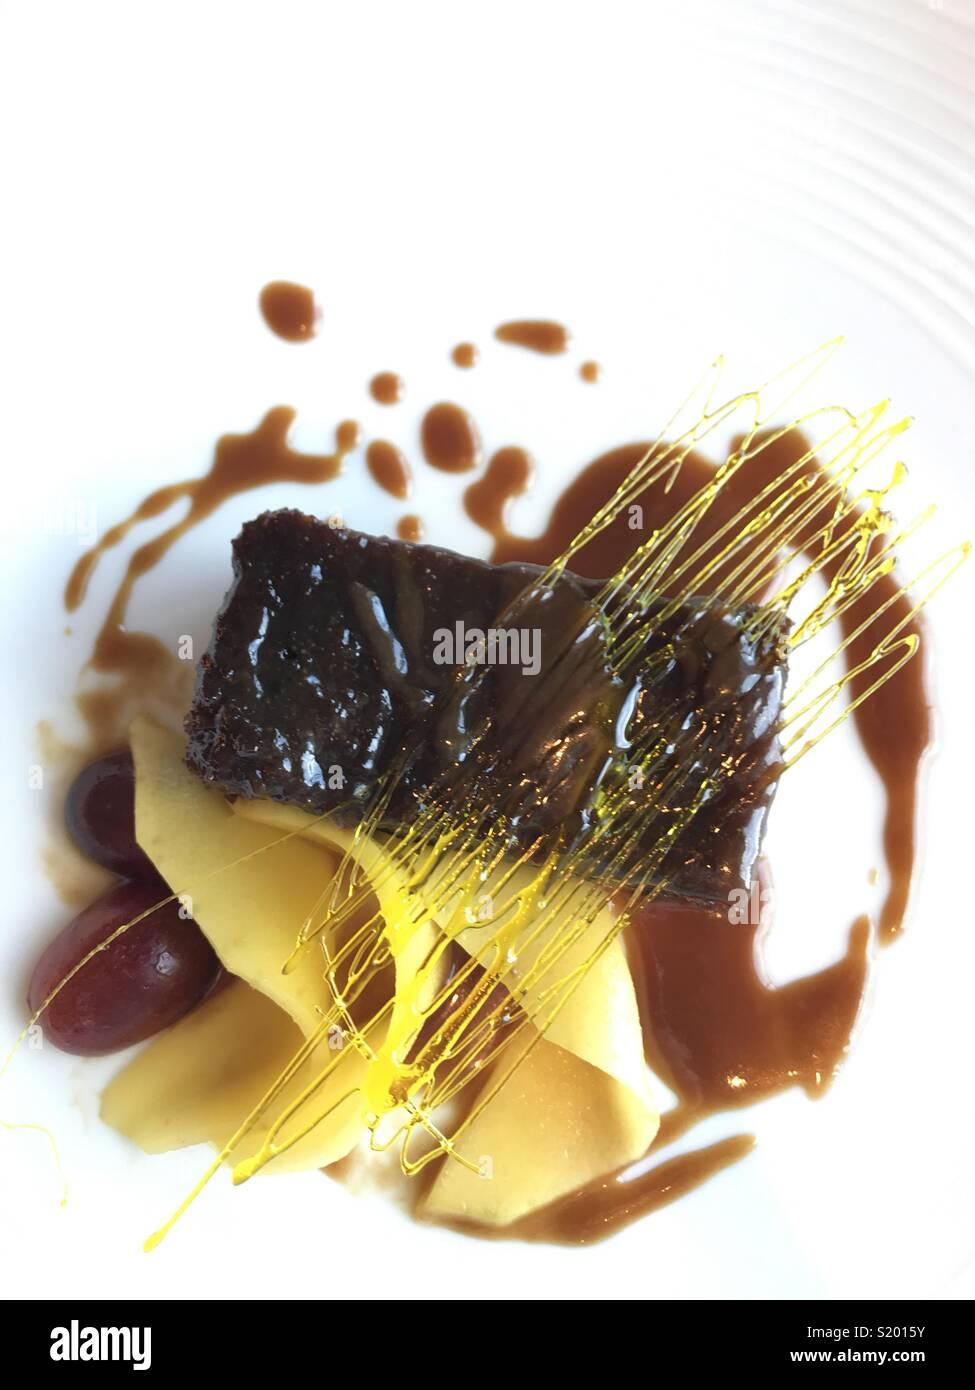 Bellamente presentado postre de Pudding de toffee con fruta y decoración de azúcar spin Imagen De Stock